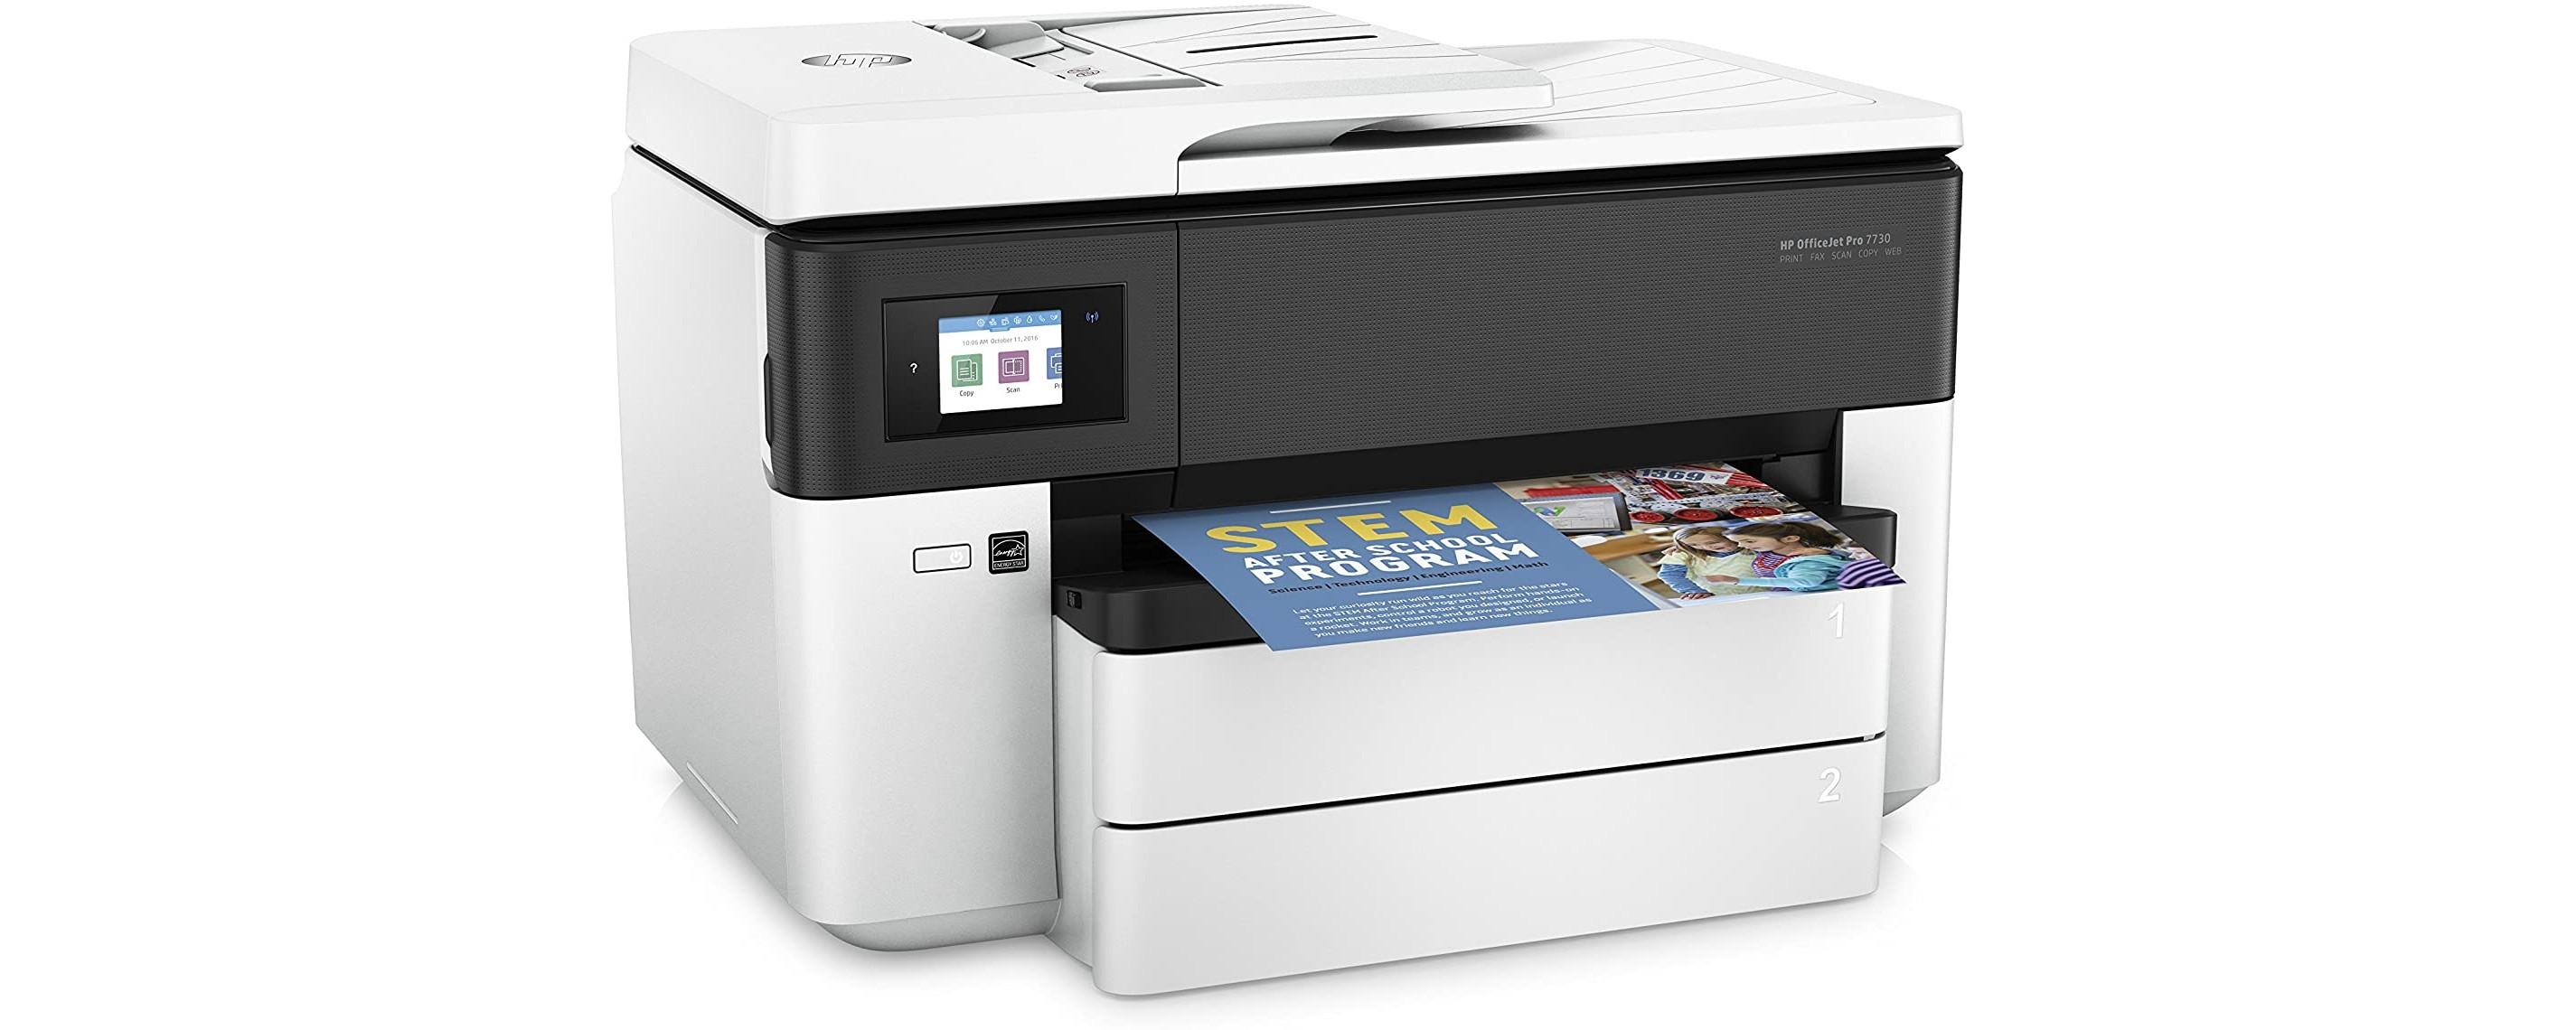 Cartuchos HP OfficeJet Pro 7730